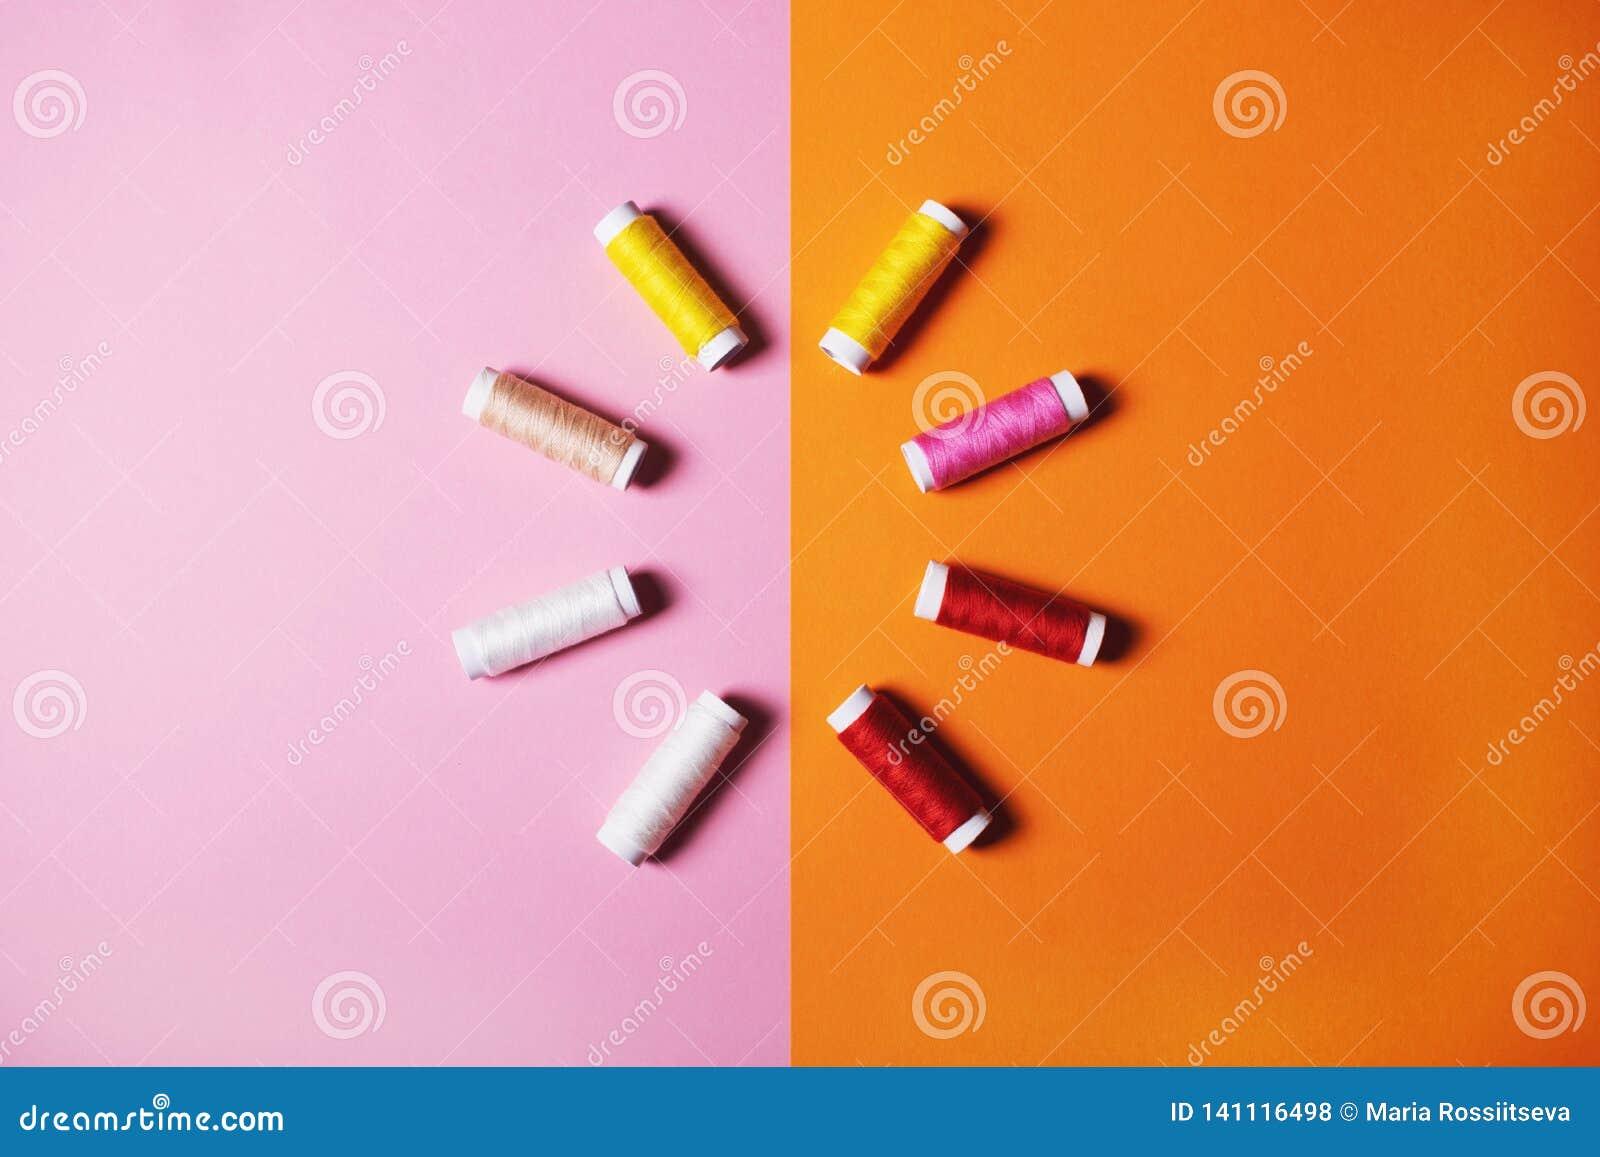 Set kolorowe szwalne nici na jaskrawym tle